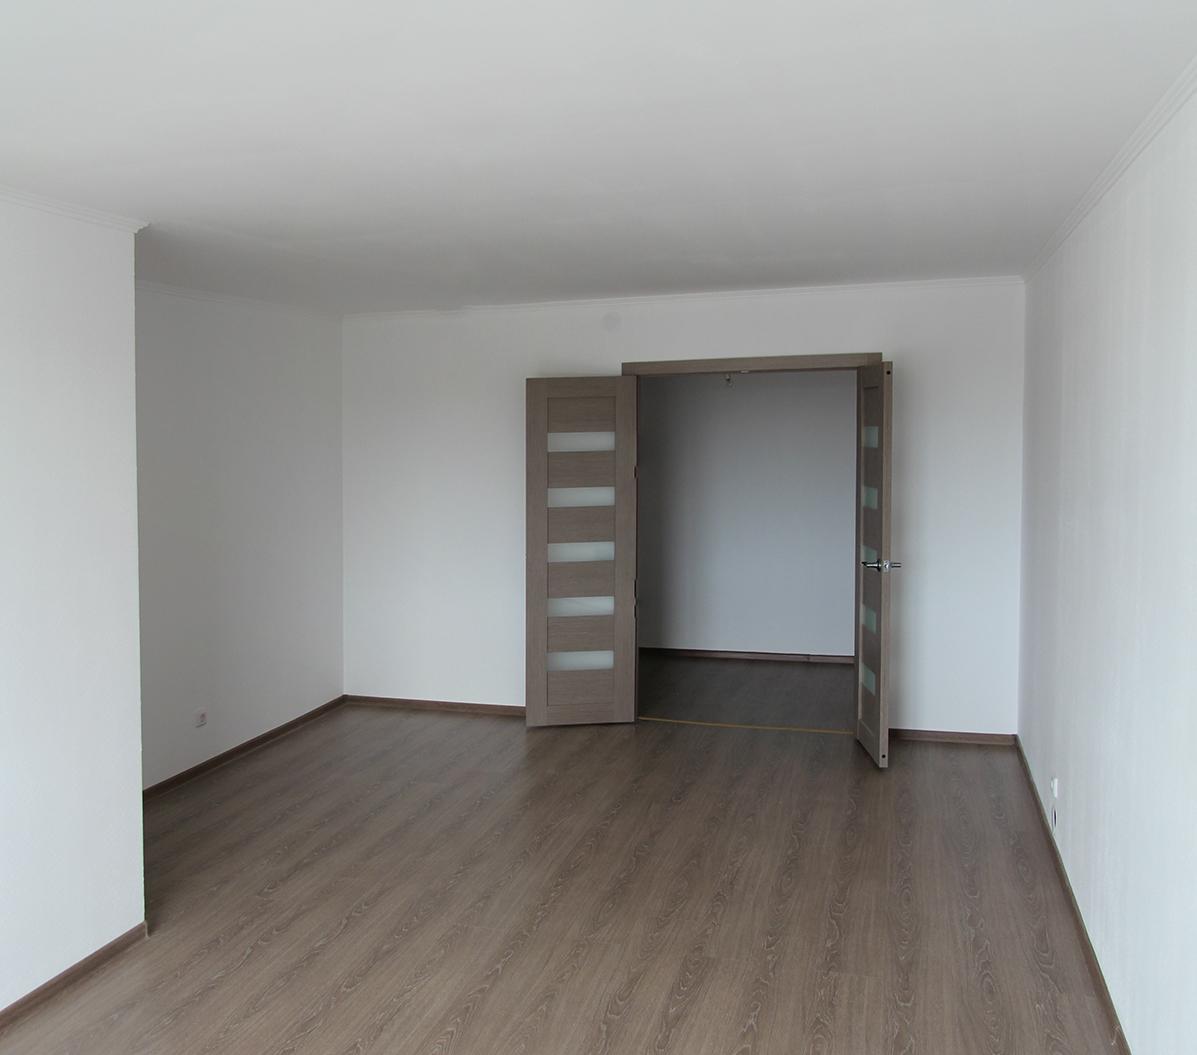 На стенах — обои под покраску, на полу — ламинат 32-го класса прочности